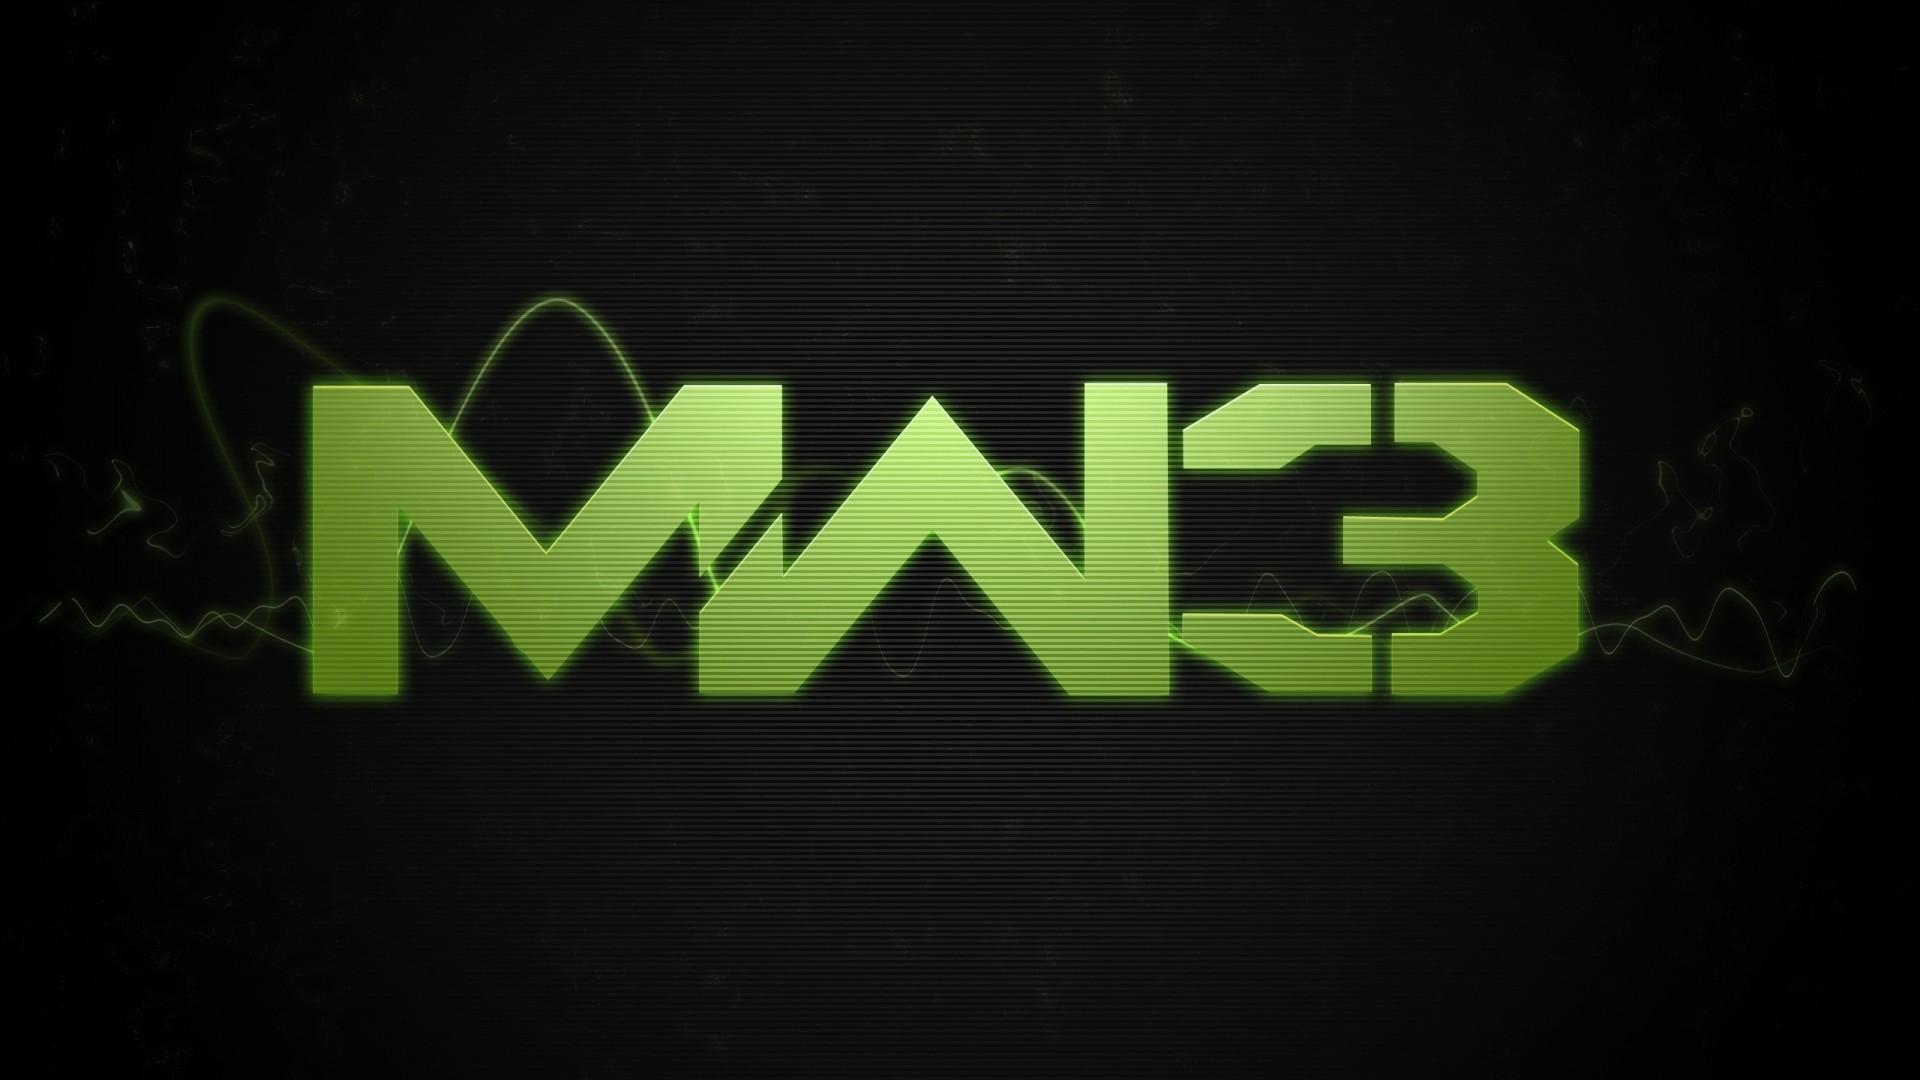 Call Of Duty Modern Warfare 2 Soap HD Wallpaper | Wallpapers | Pinterest |  Modern warfare and Hd wallpaper